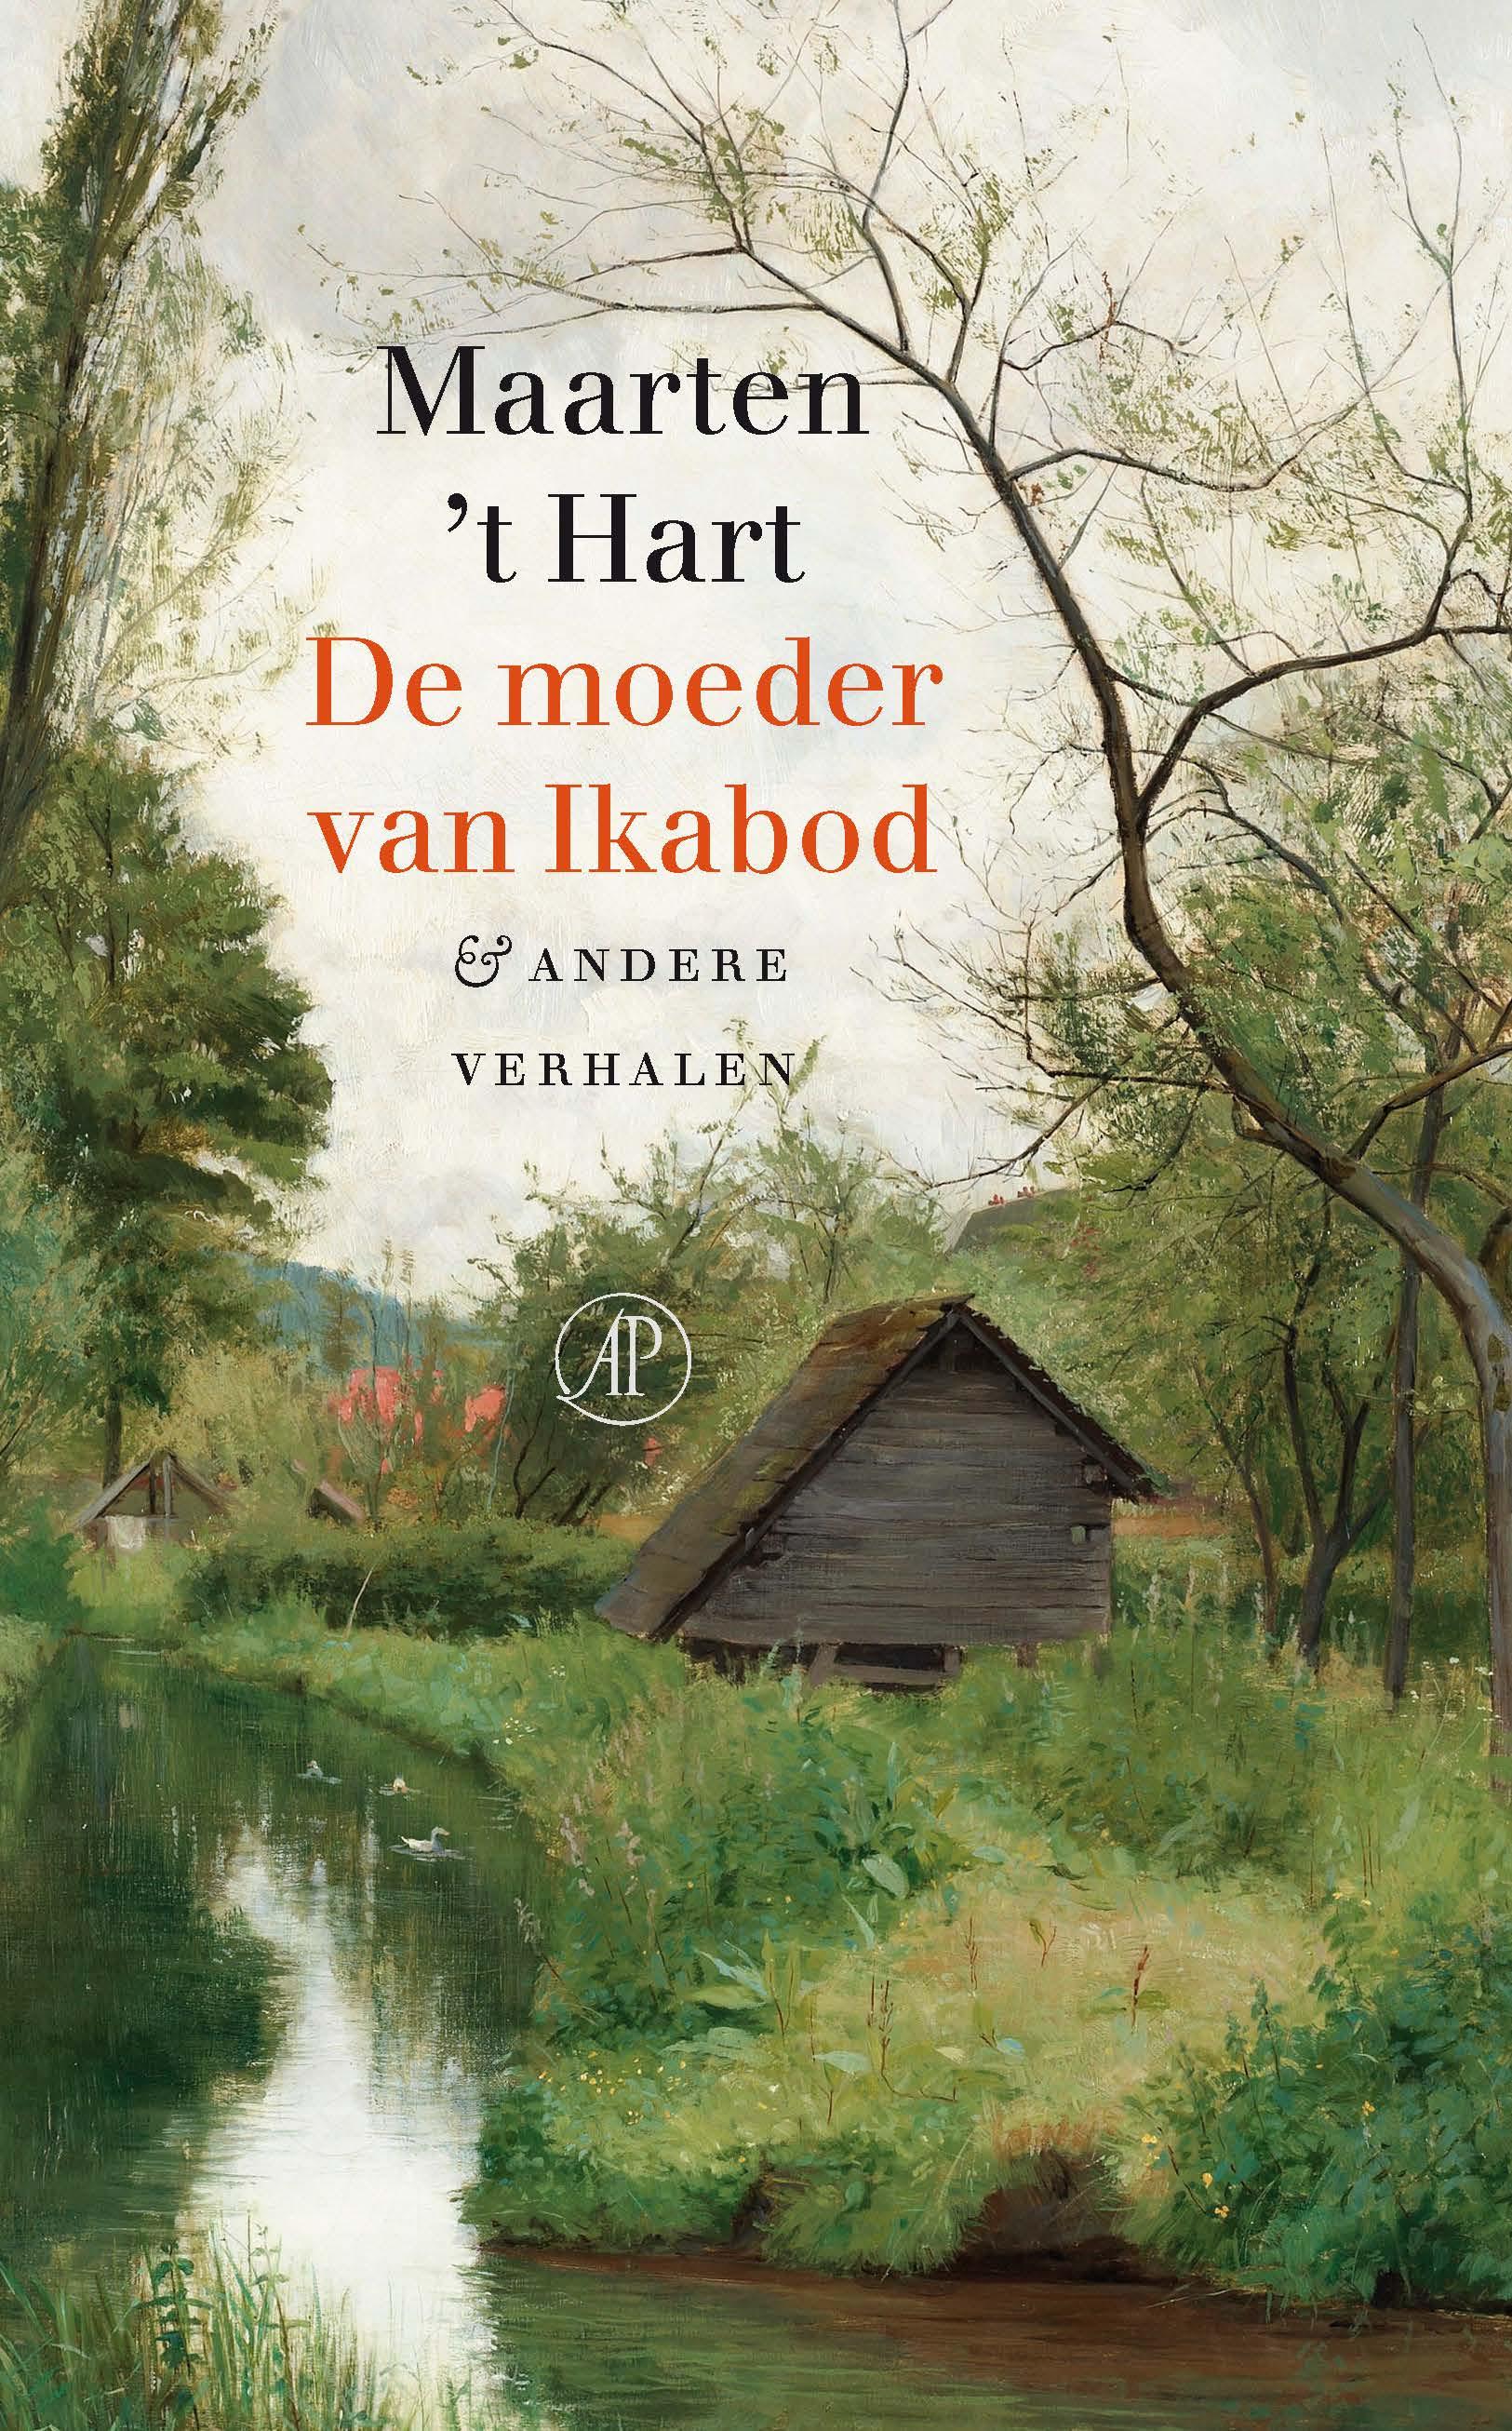 De moeder van Ikabod – Maarten 't Hart